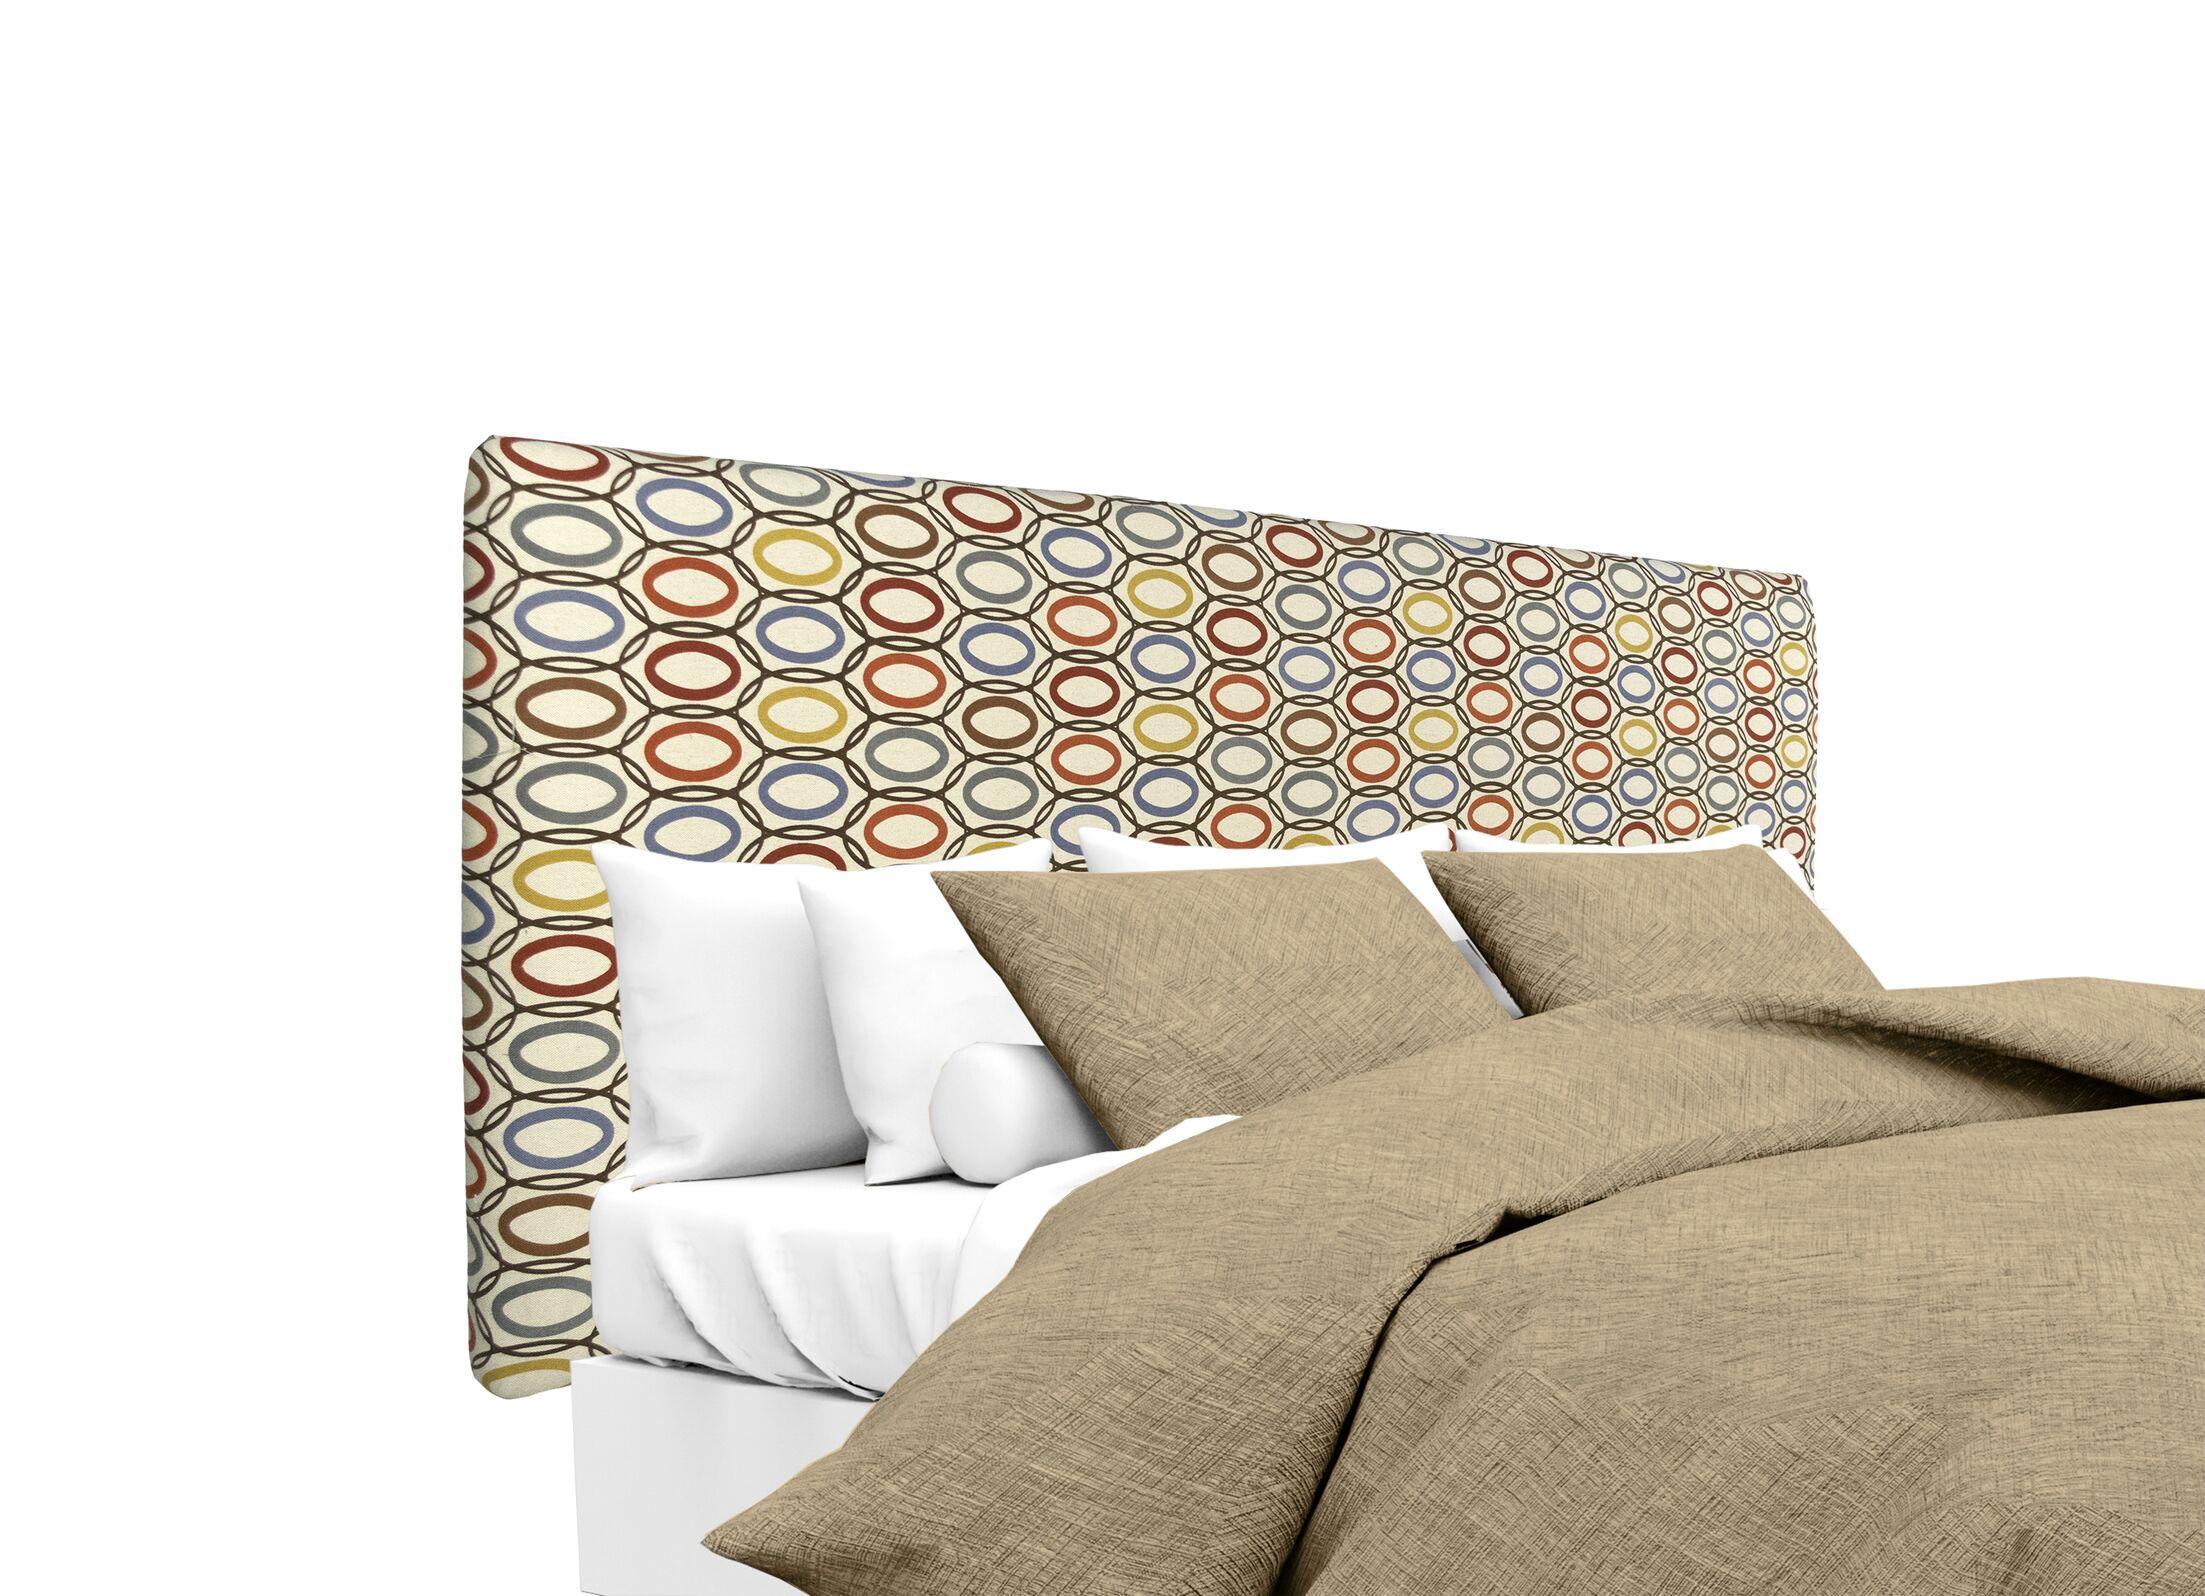 CollVera Upholstered Panel Headboard Size: Full, Upholstery: Harvest